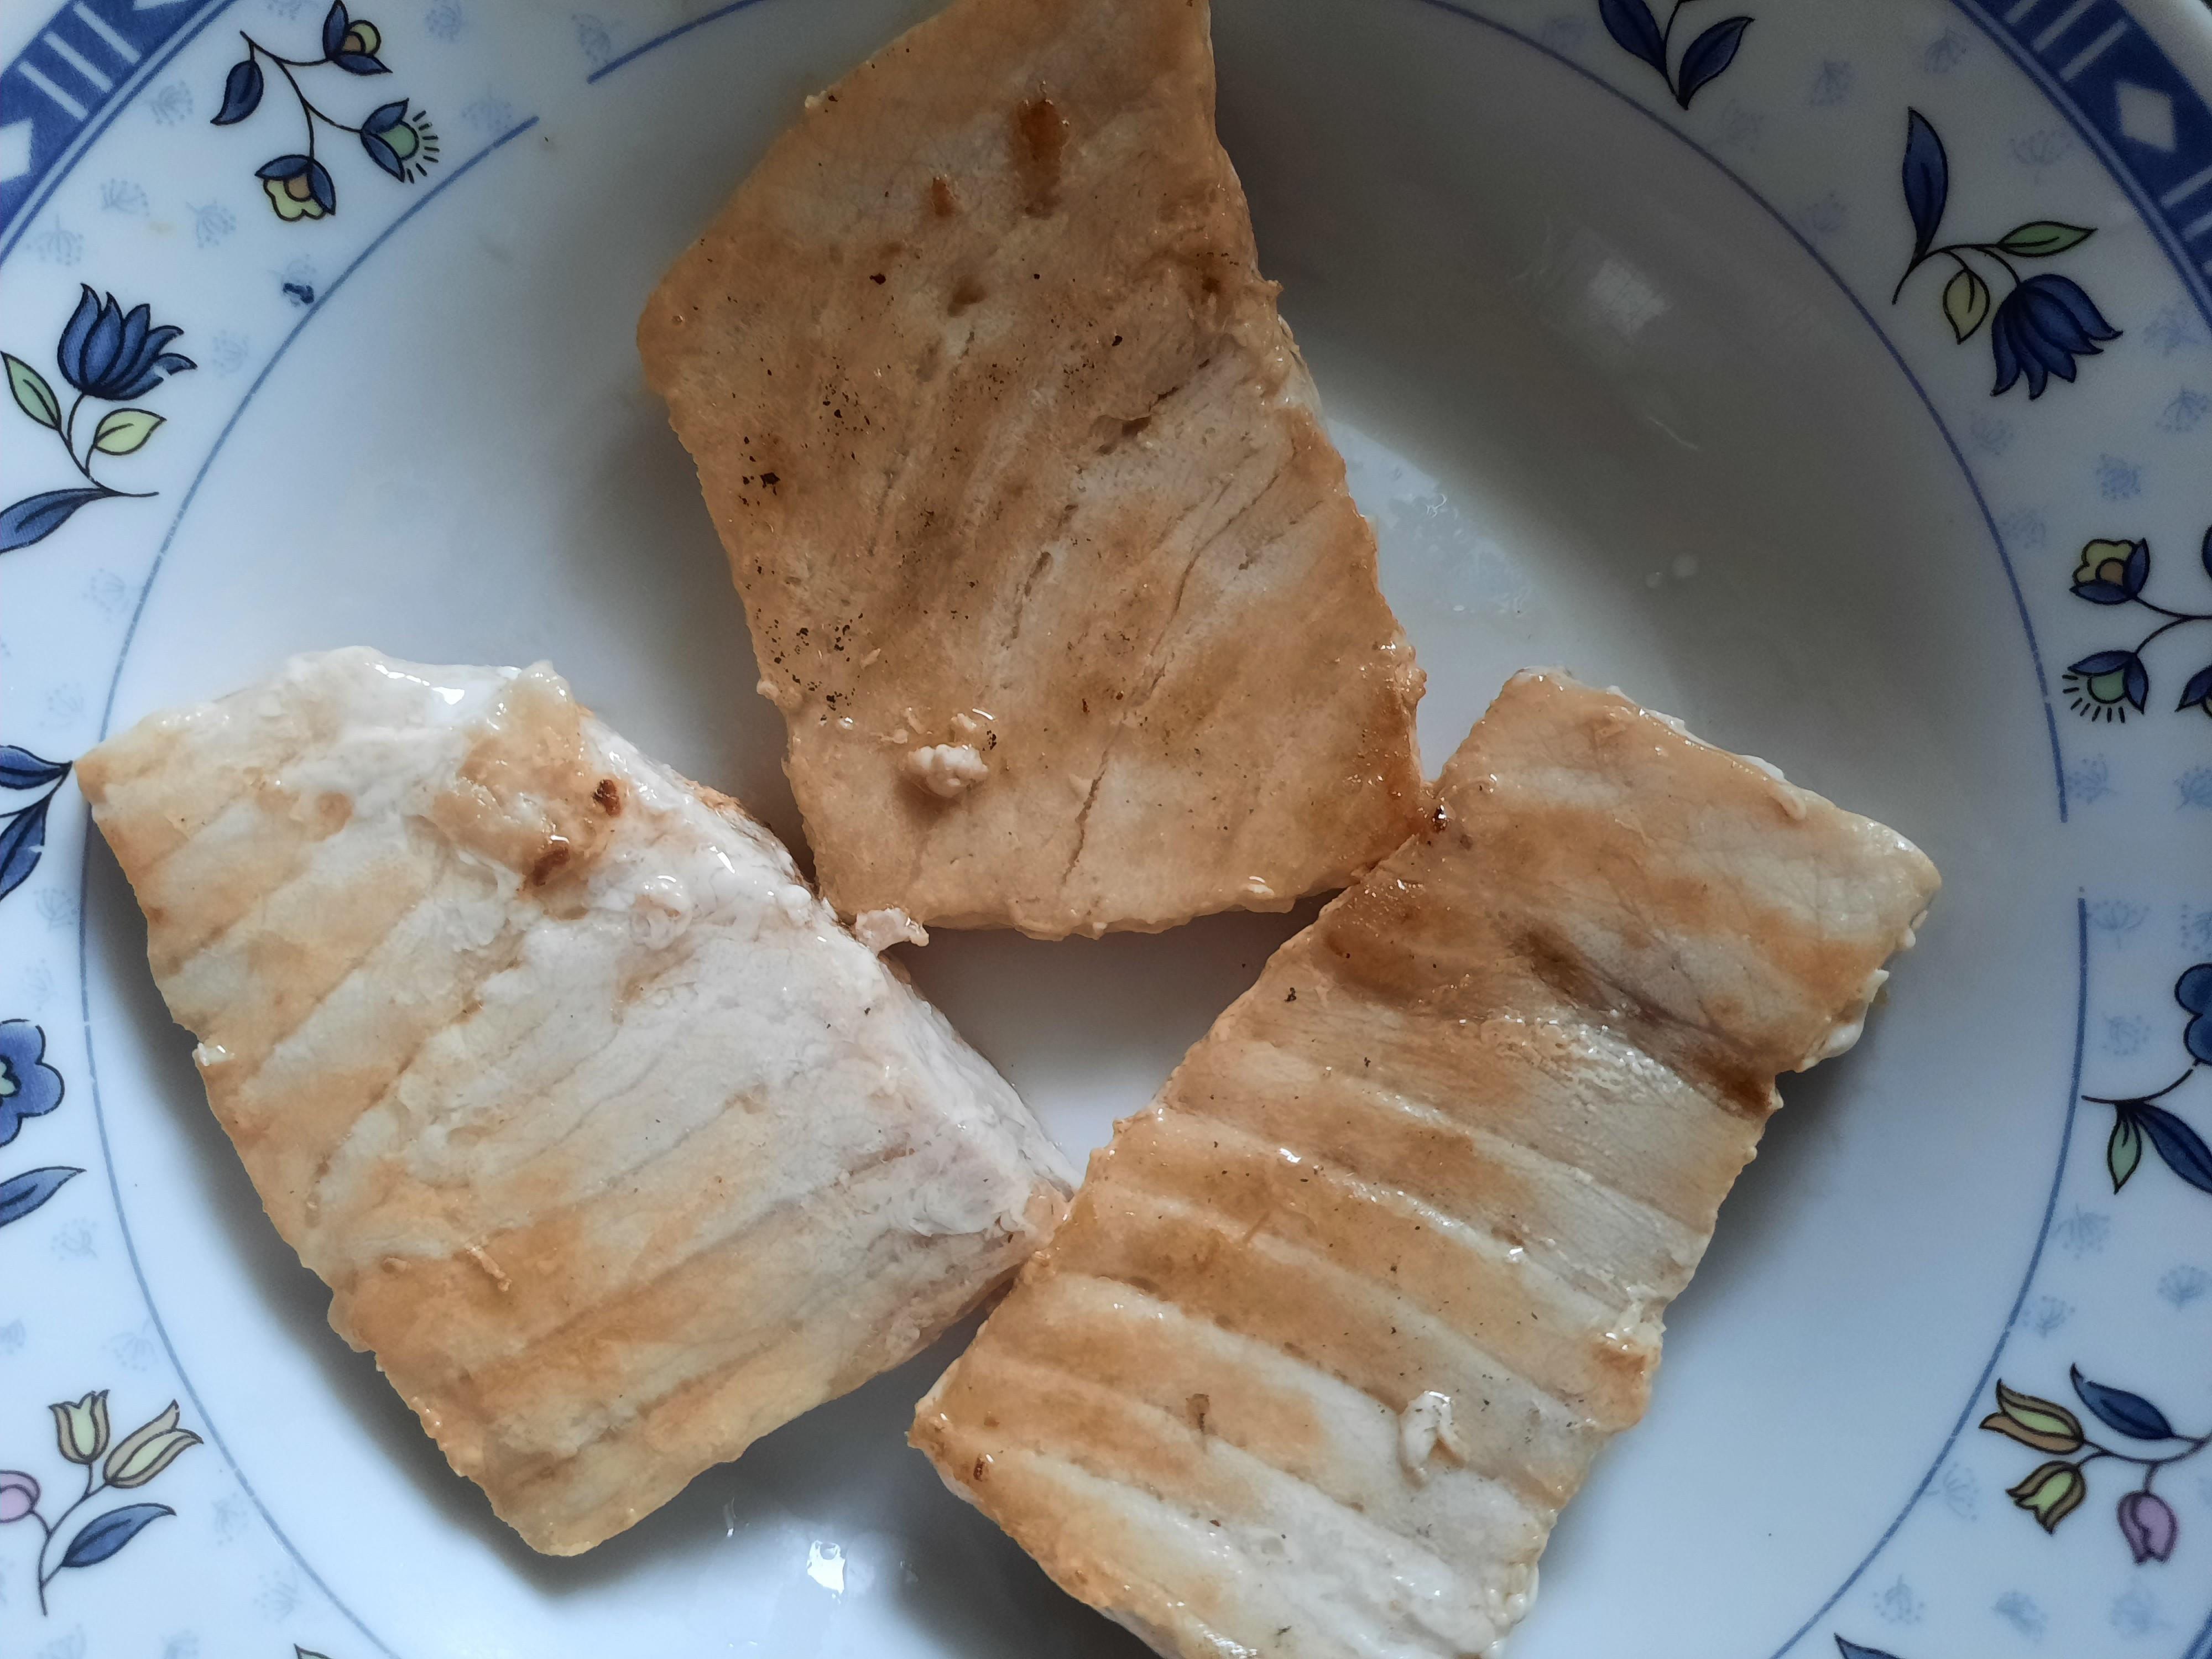 煎魚排(山葵沾醬)